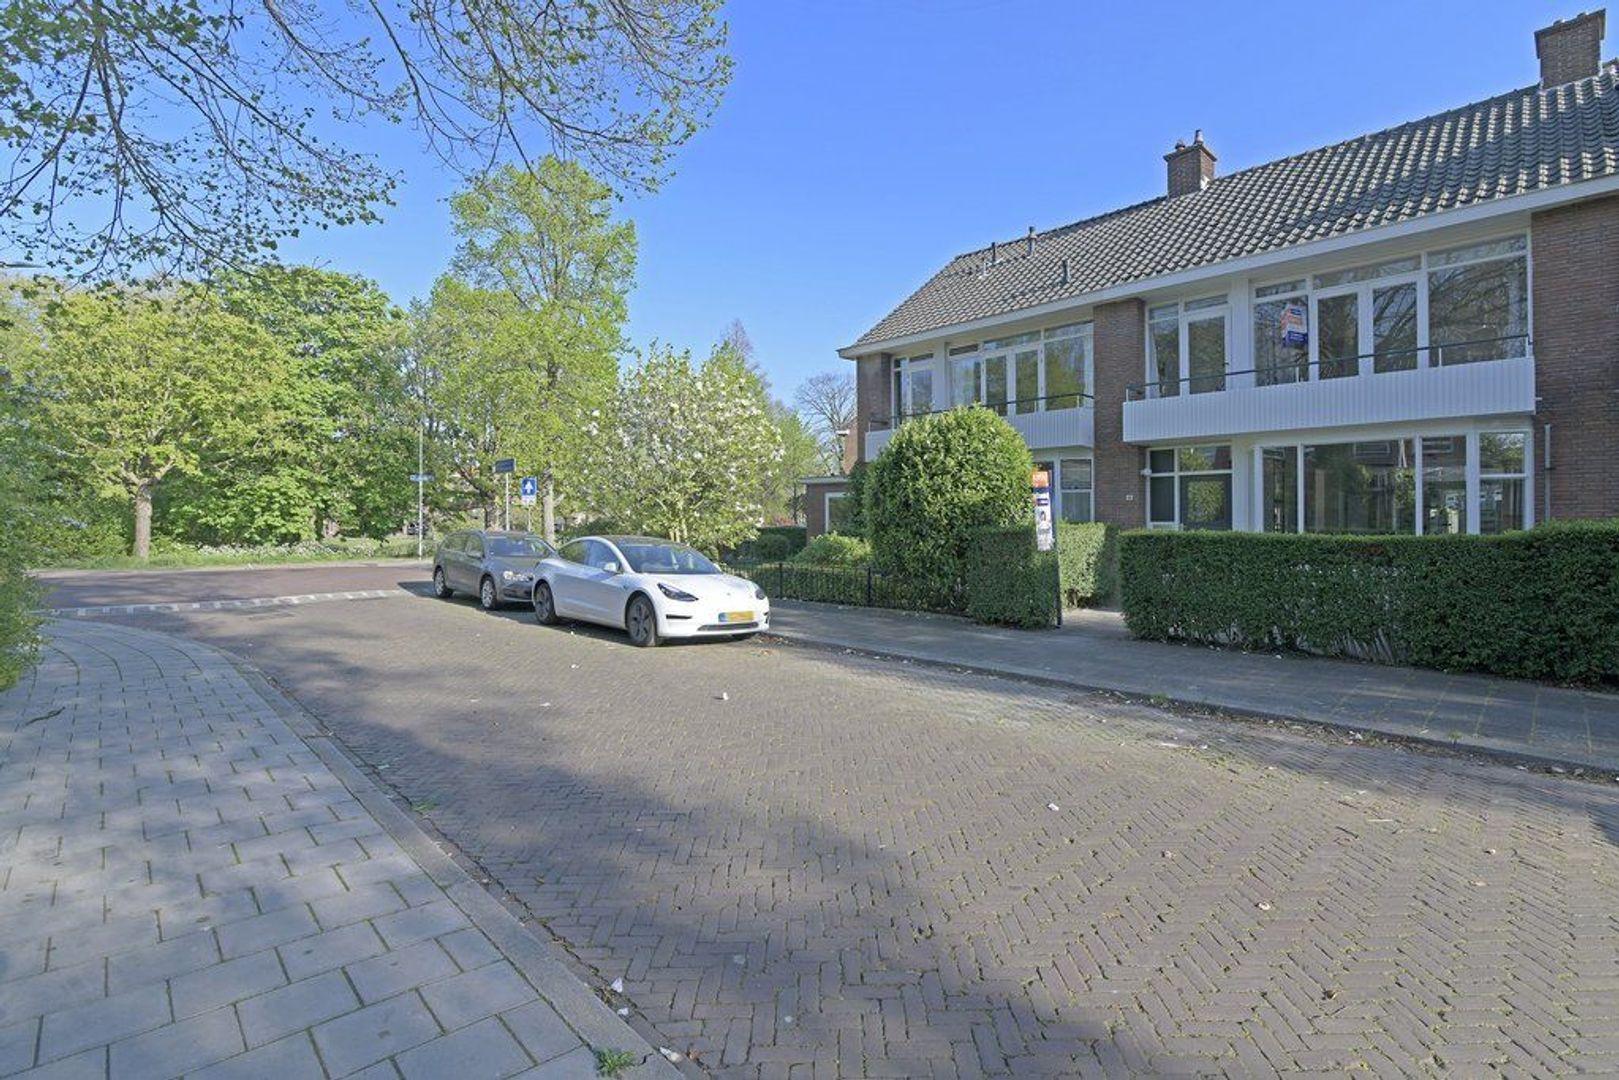 Kappeyne van de Coppellostraat 5, Delft foto-49